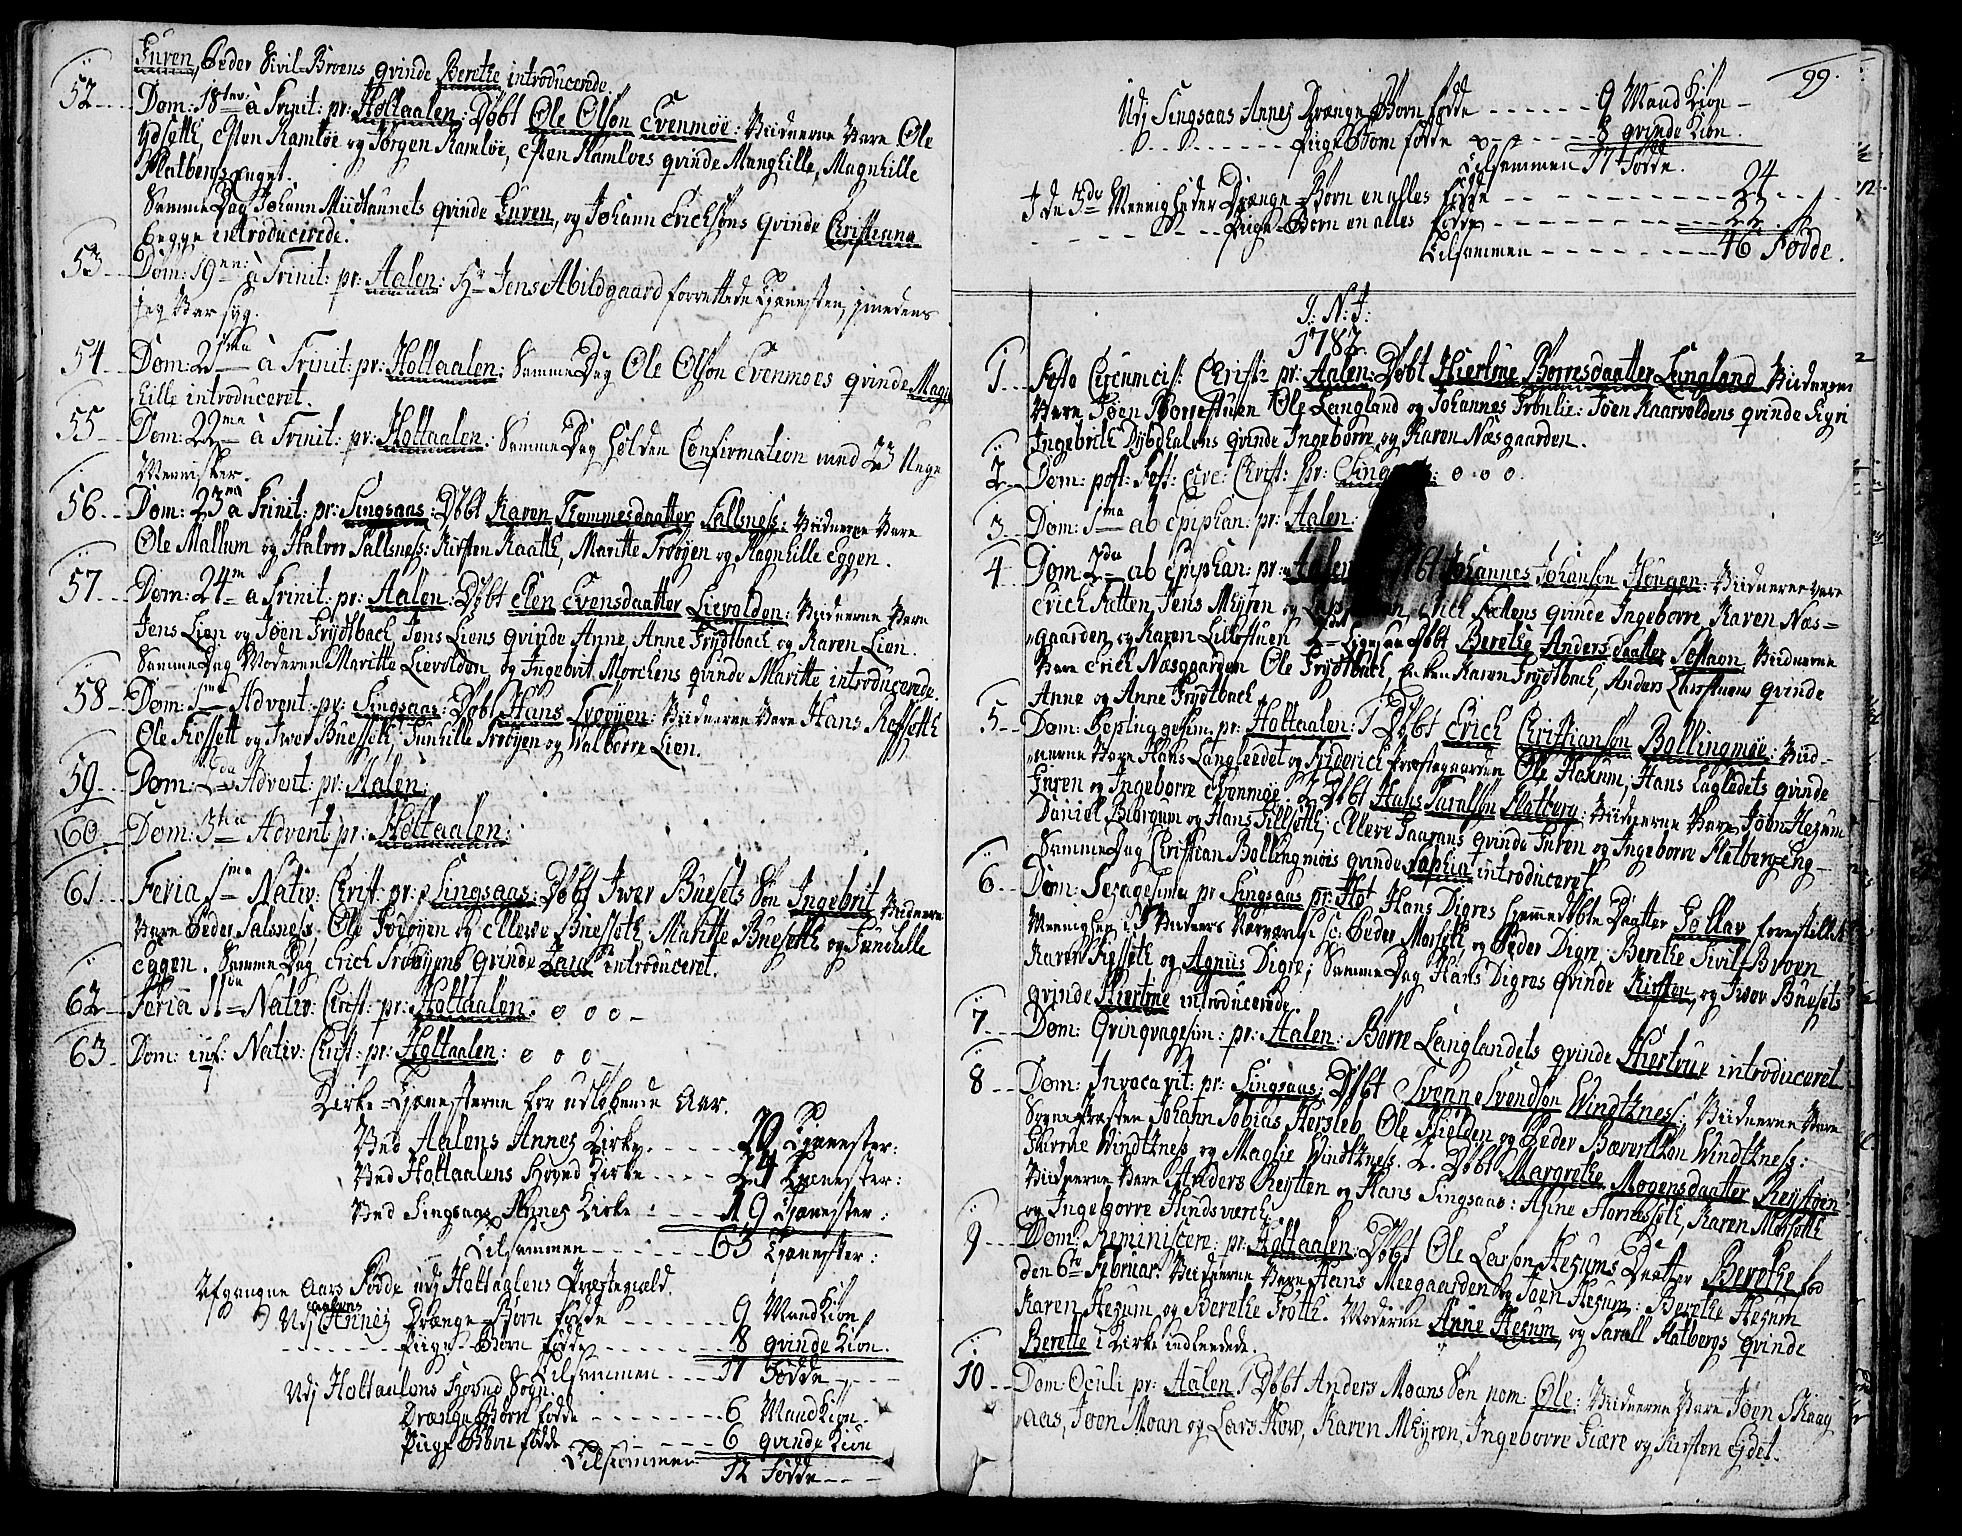 SAT, Ministerialprotokoller, klokkerbøker og fødselsregistre - Sør-Trøndelag, 685/L0952: Ministerialbok nr. 685A01, 1745-1804, s. 99